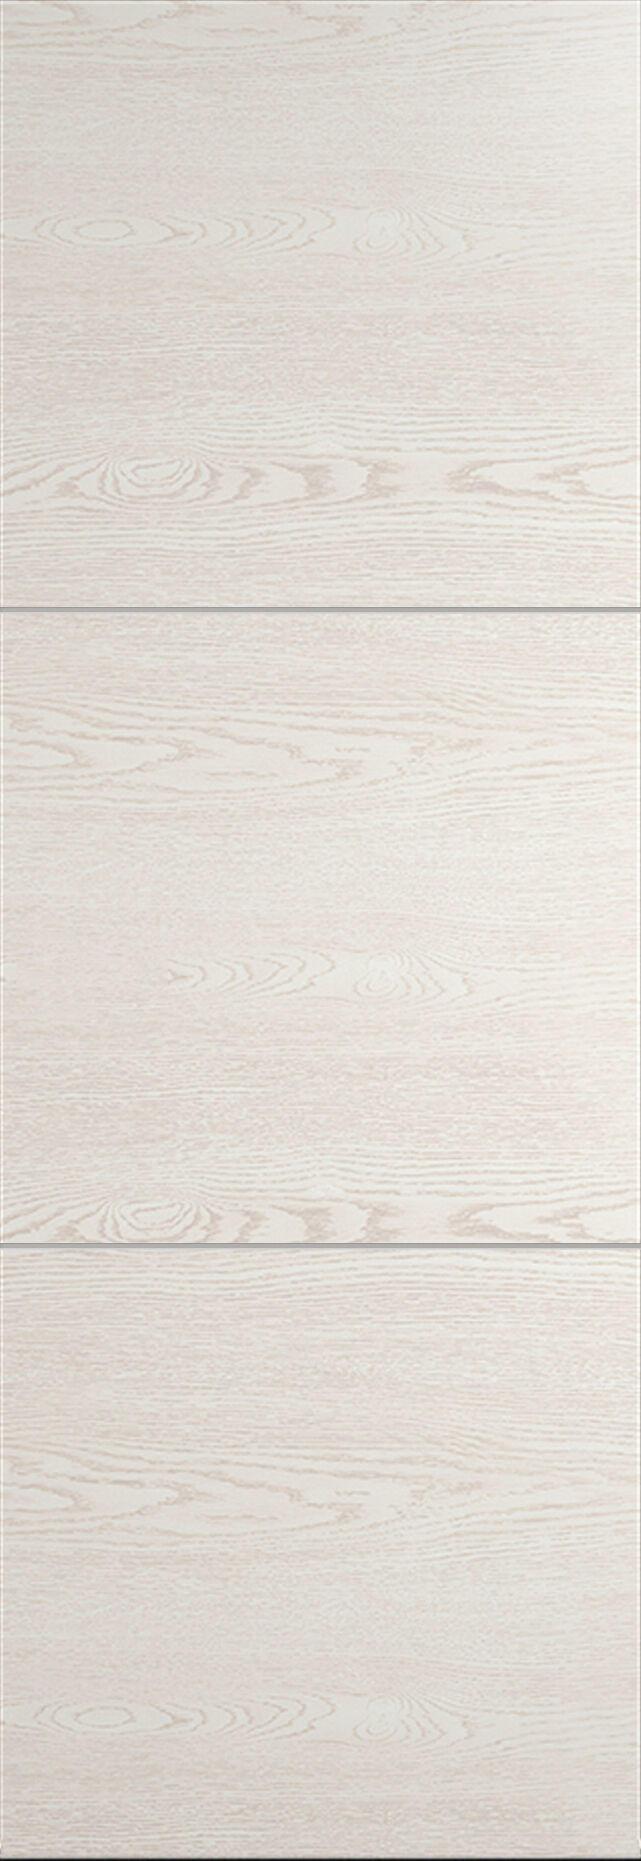 Tivoli В-2 Invisible цвет - Белый ясень Без стекла (ДГ)